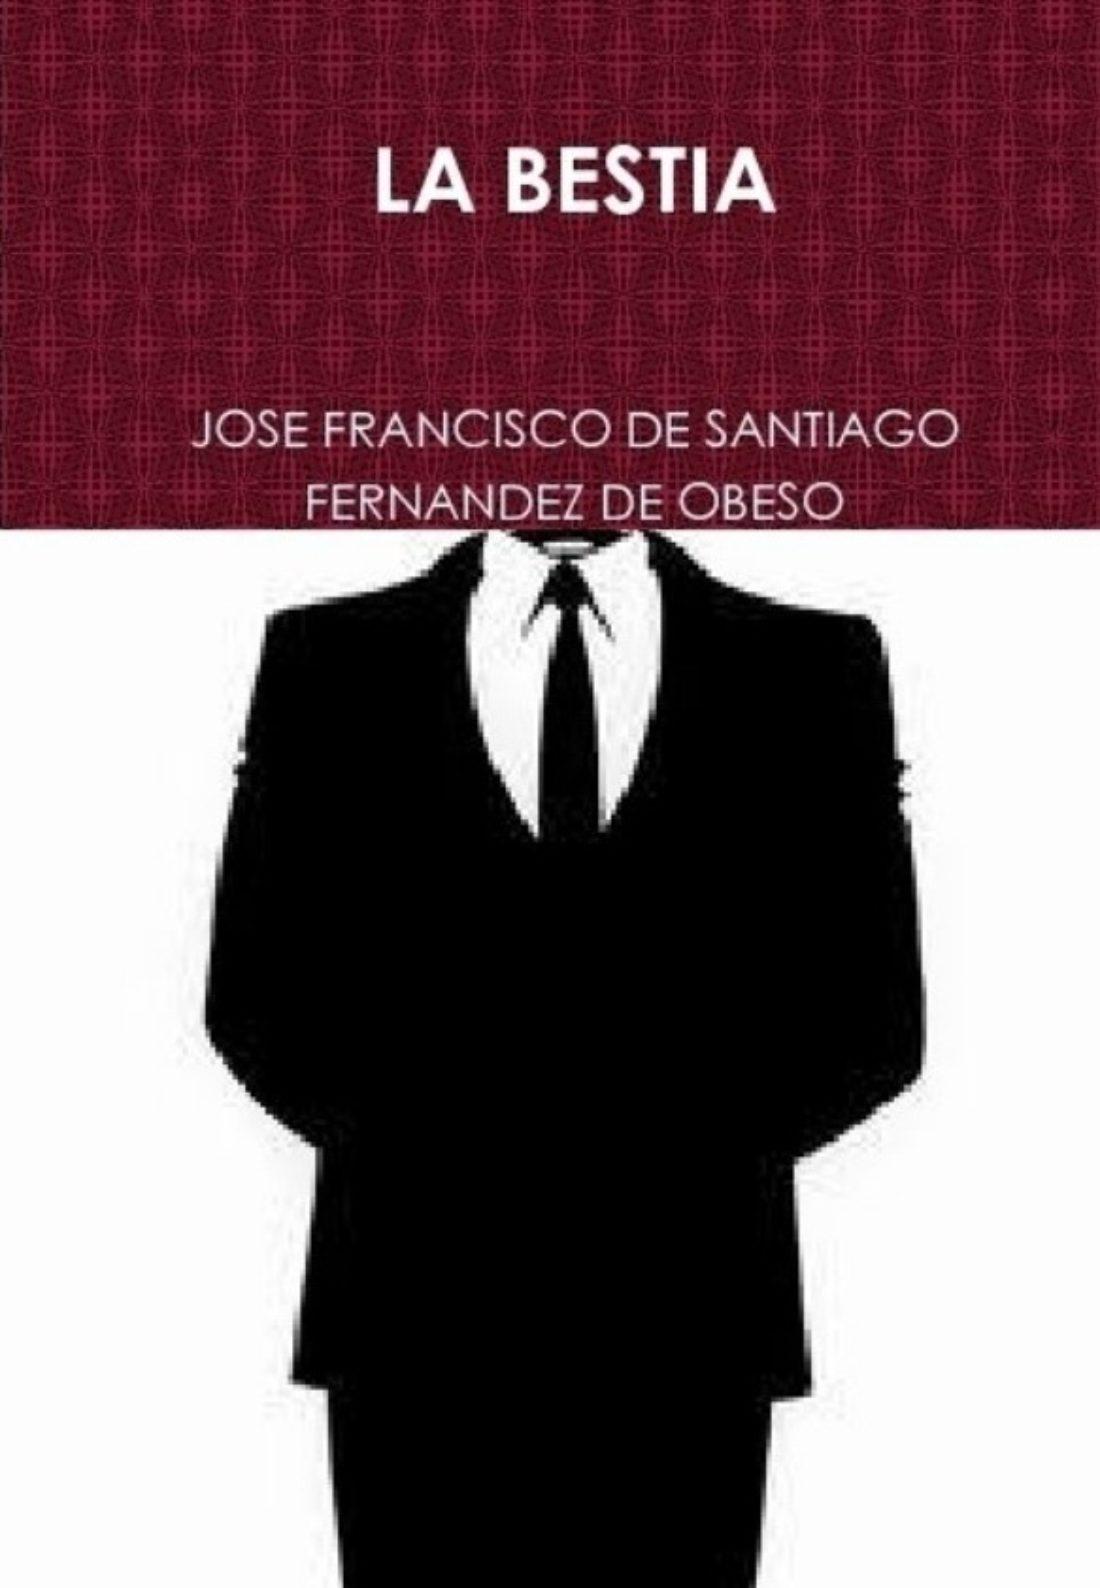 La Bestia, de José Francisco de Santiago Fdez de Obeso